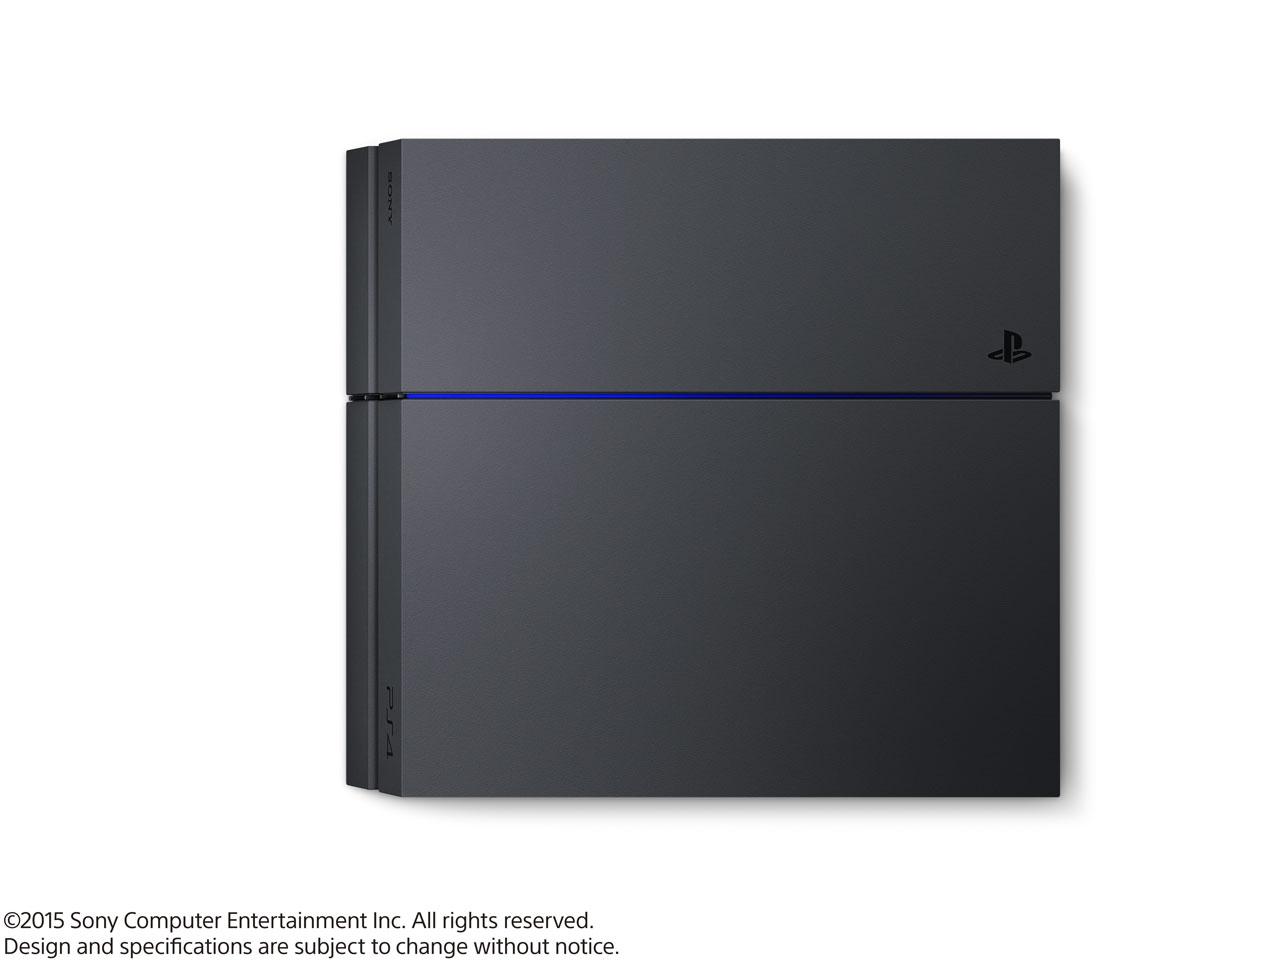 『本体 横置き 上面』 プレイステーション4 HDD 500GB ジェット・ブラック CUH-1200AB01 の製品画像